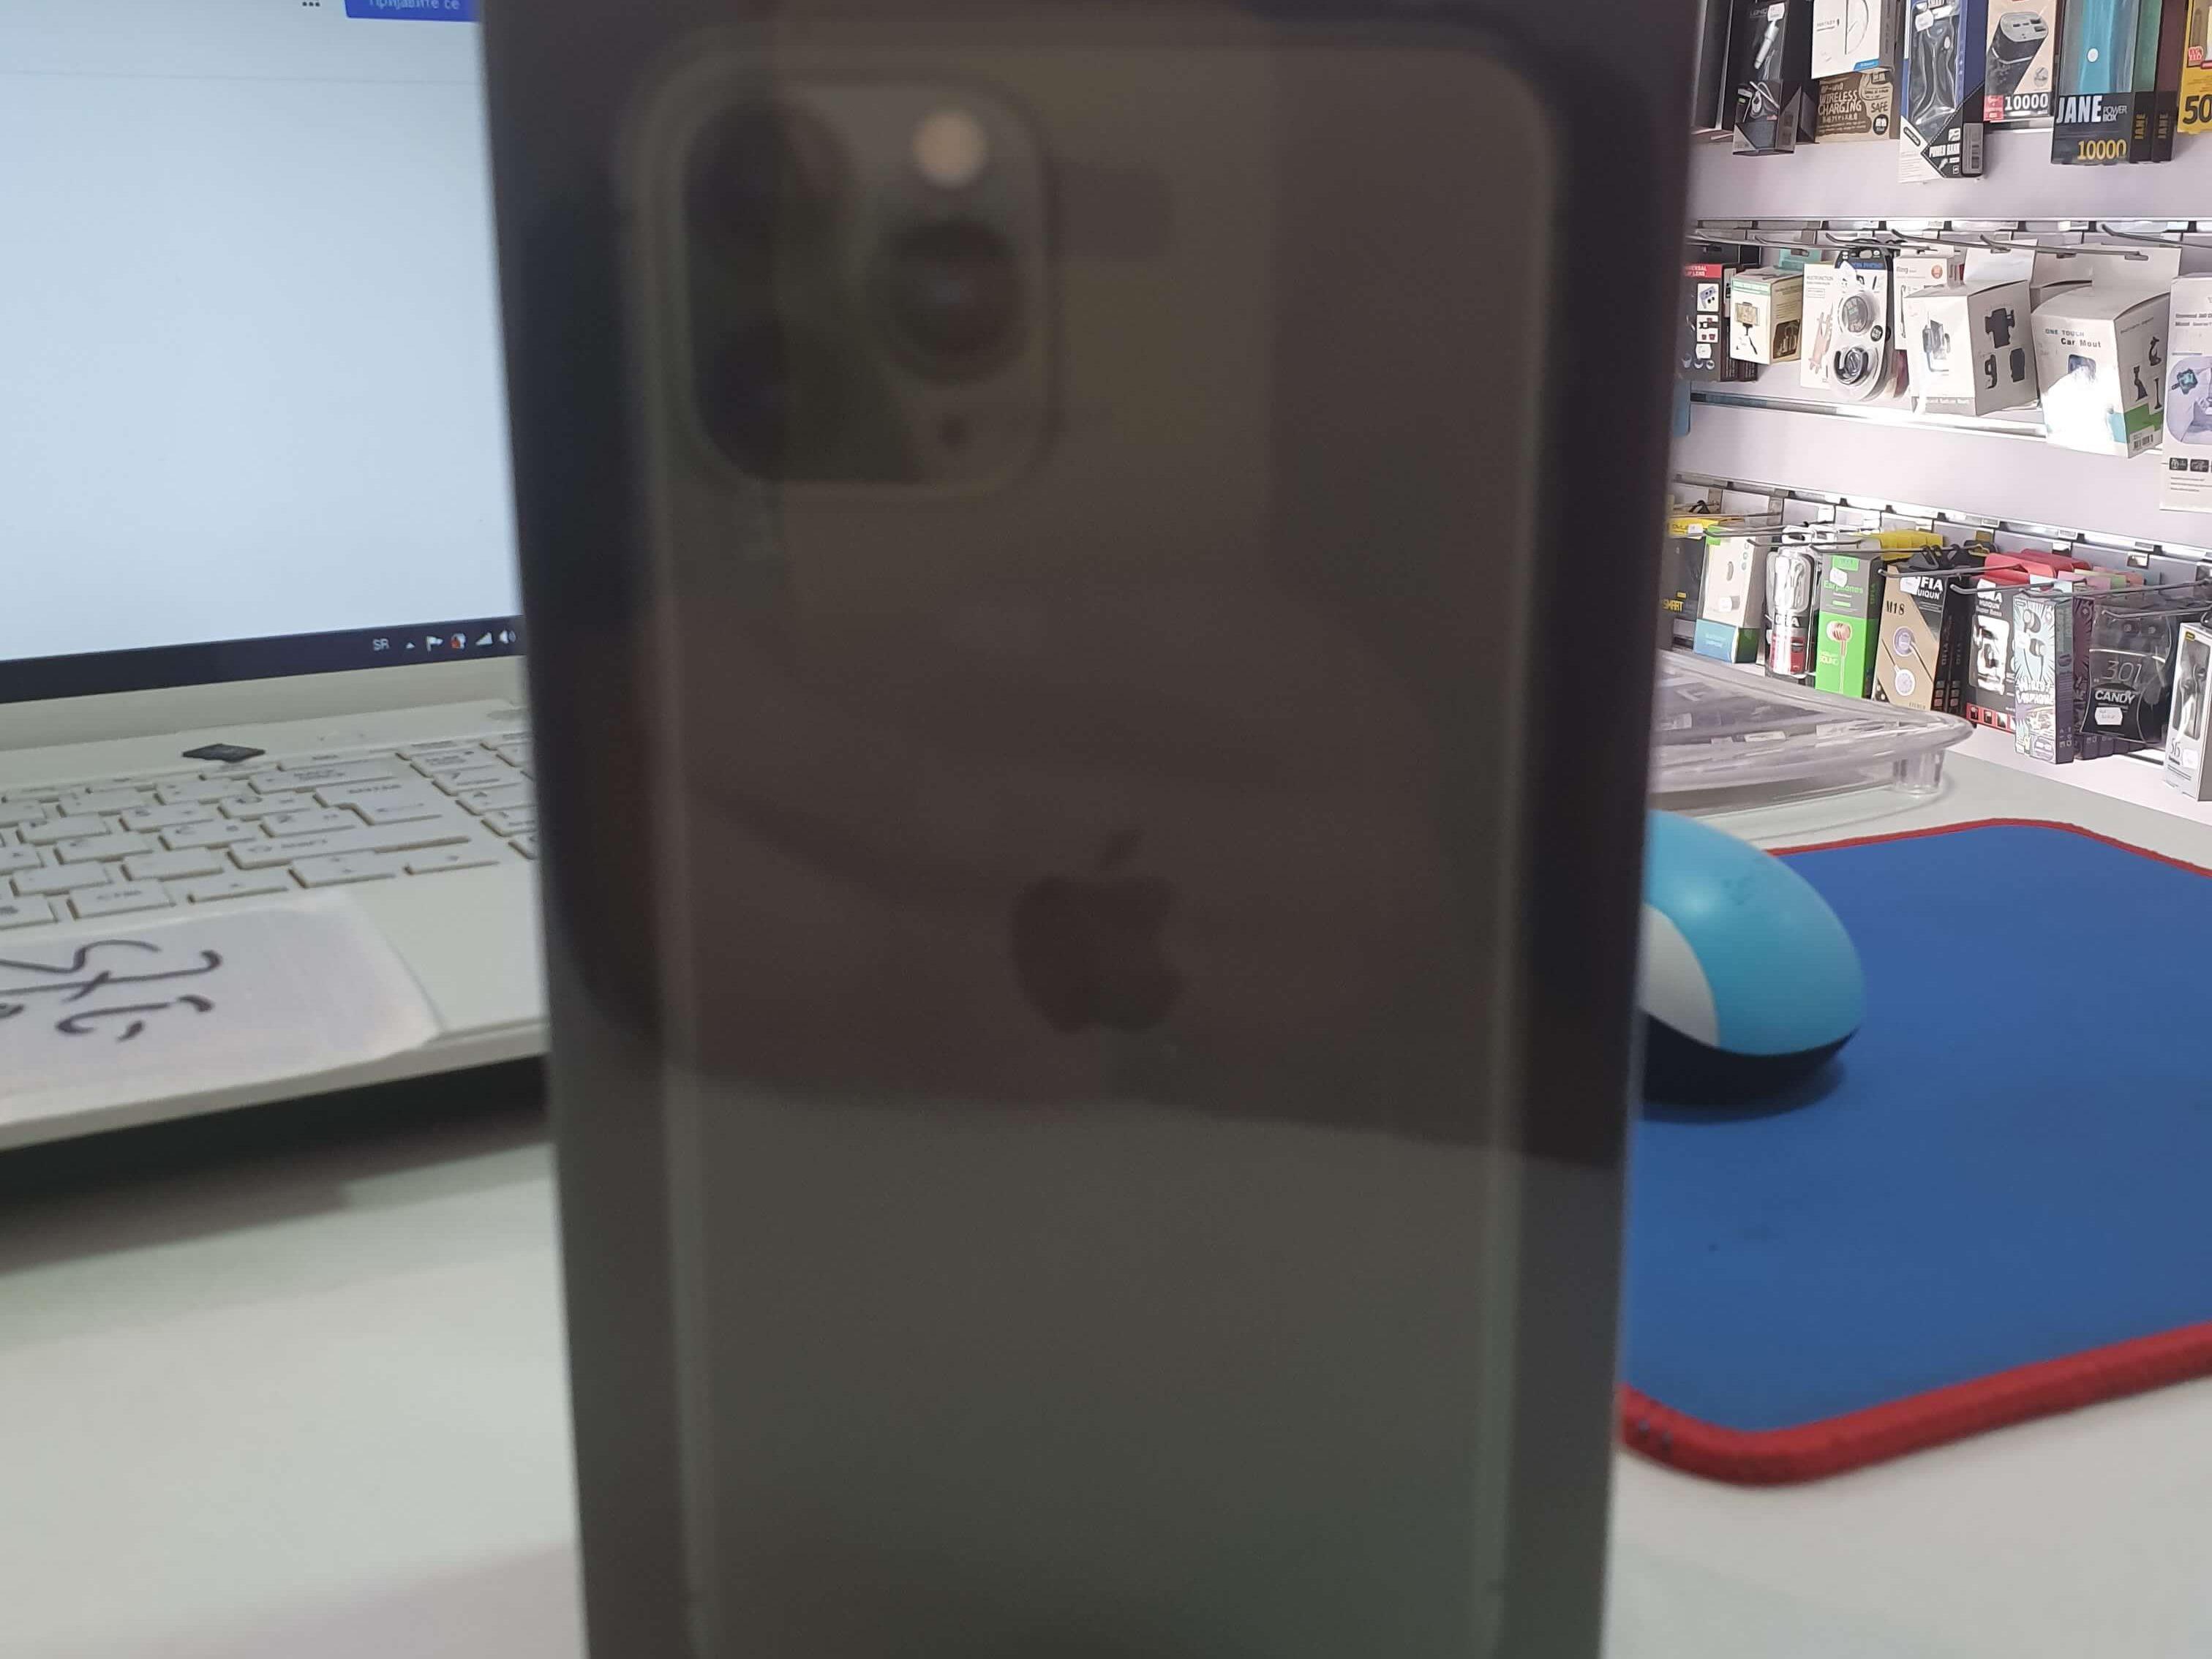 otkup iphone 11 telefona